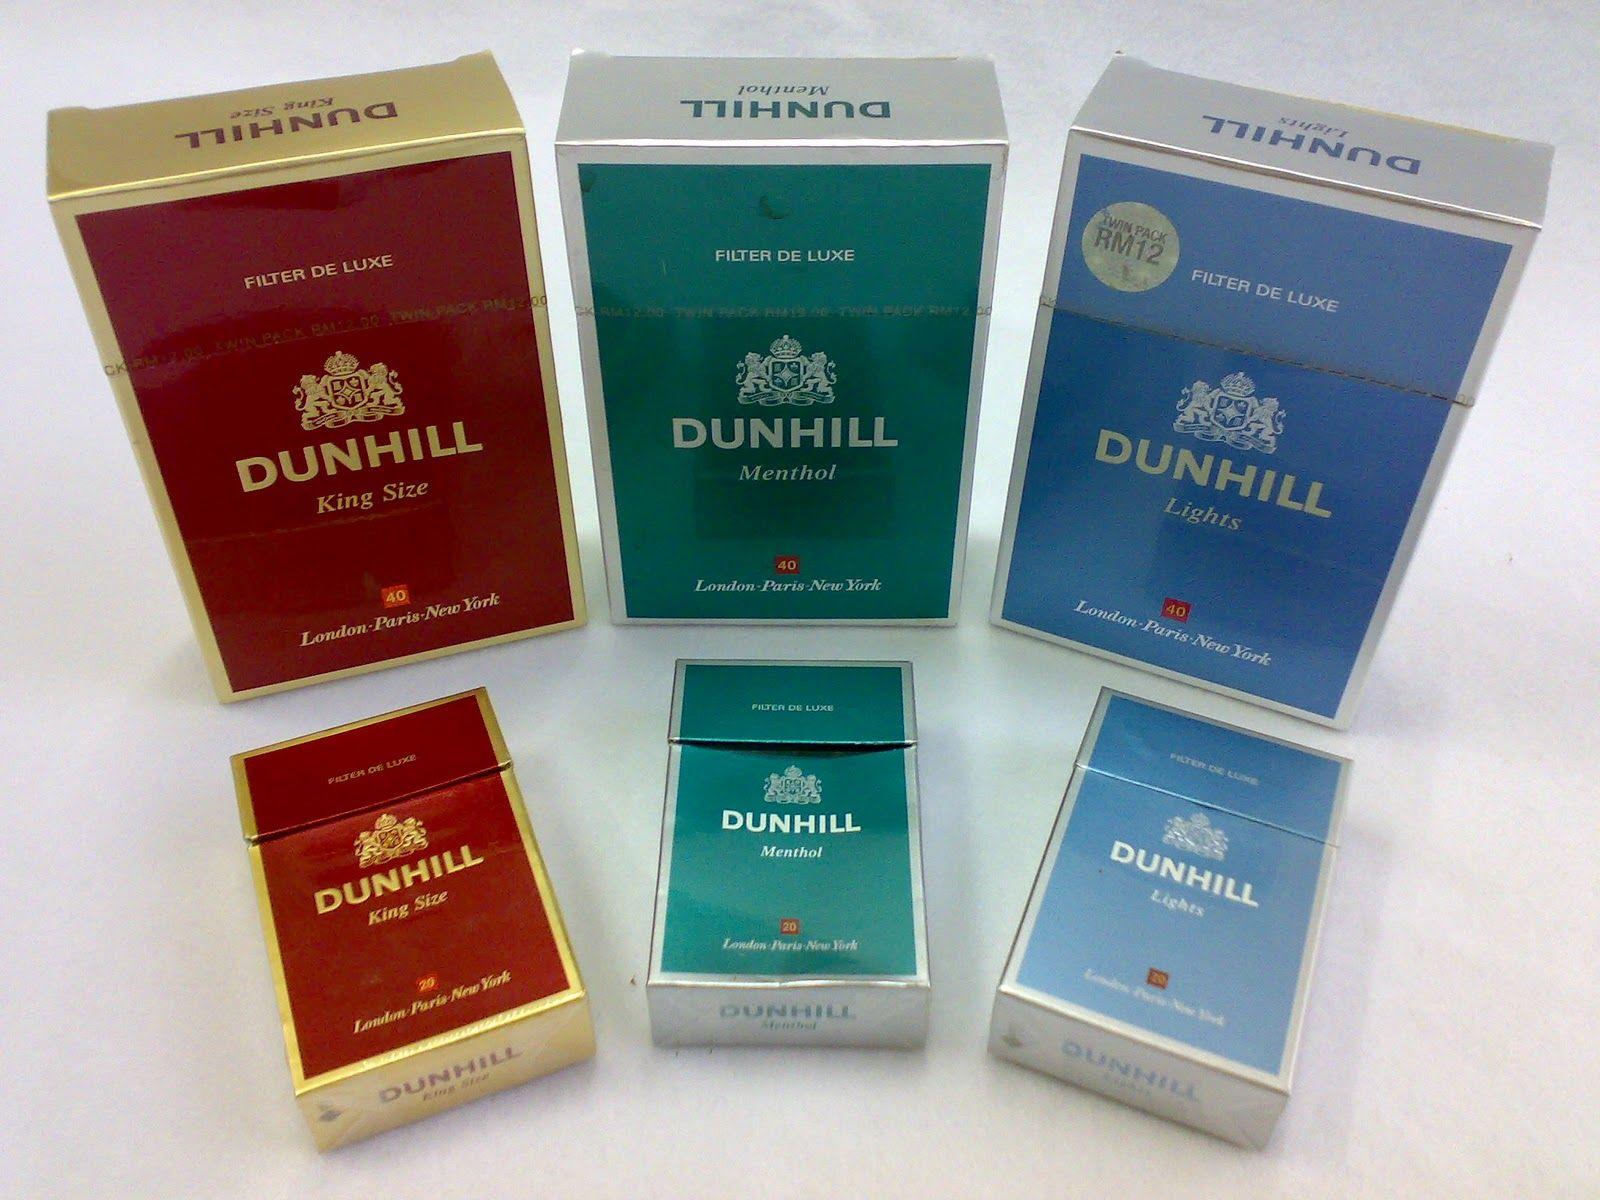 Buy cheap Massachusetts cigarettes online